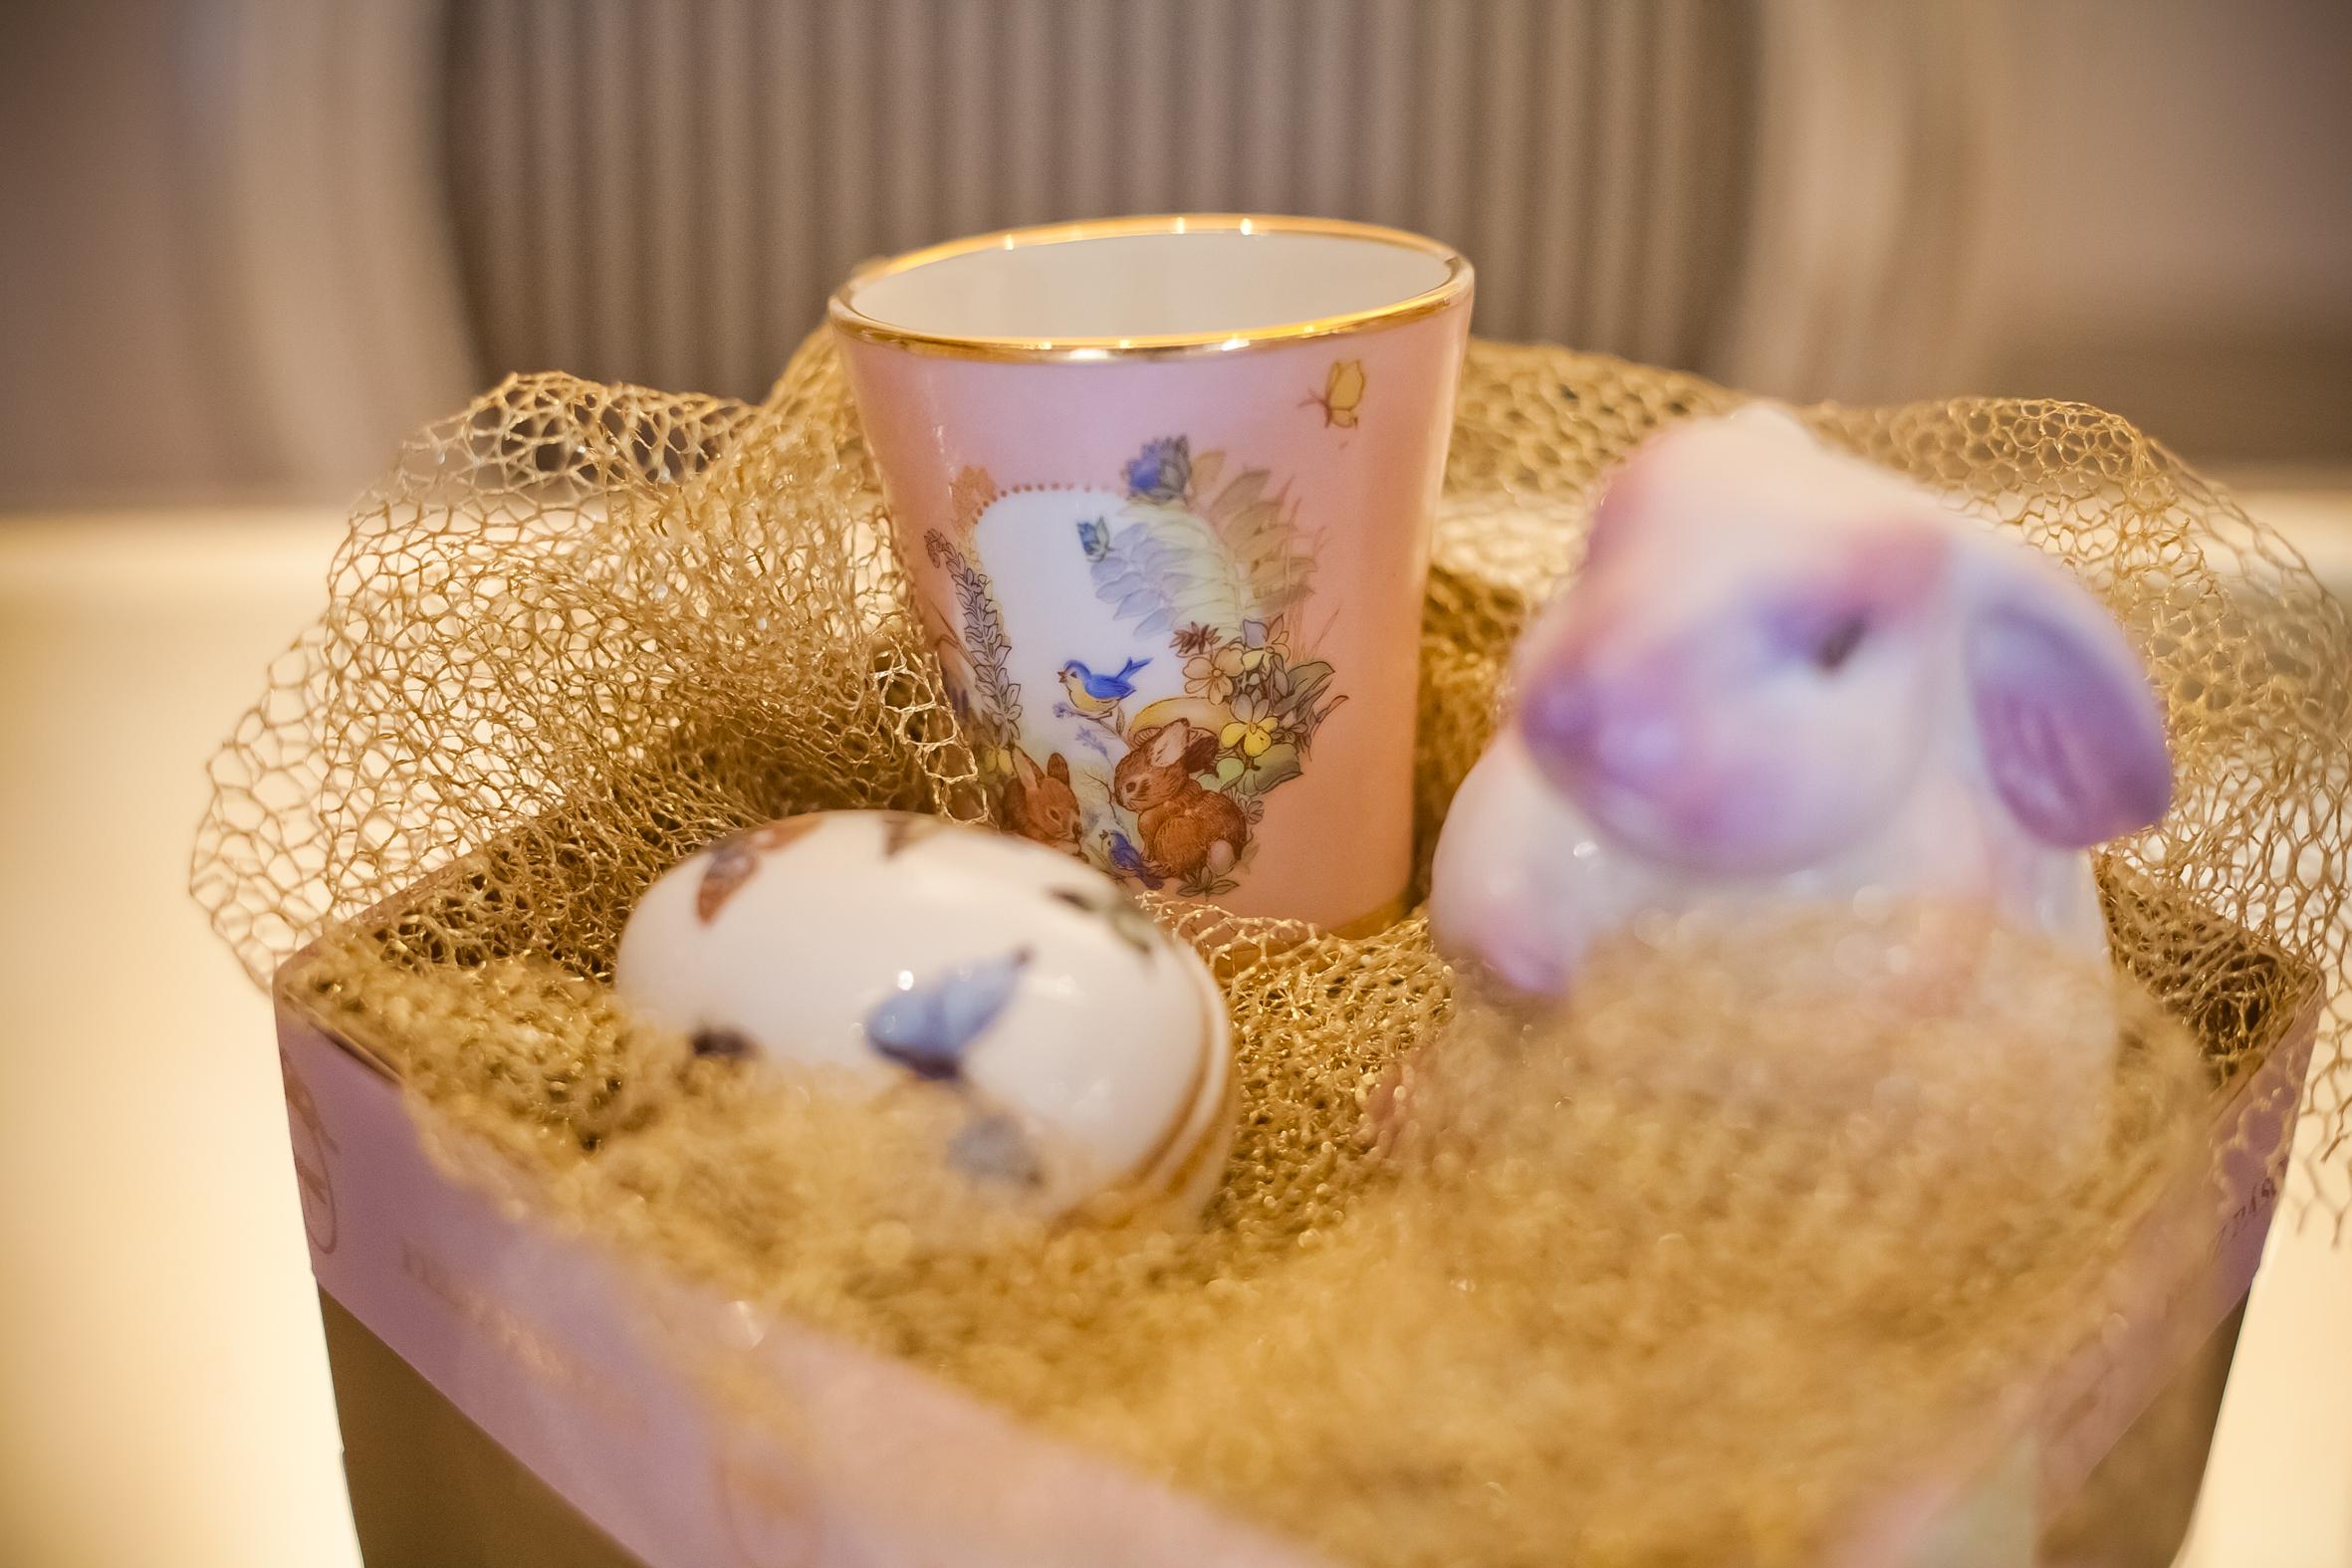 Presente Caixa Pequena com Ovinho Borboleta, Copo Coelhinho e Coelho de Porcelana